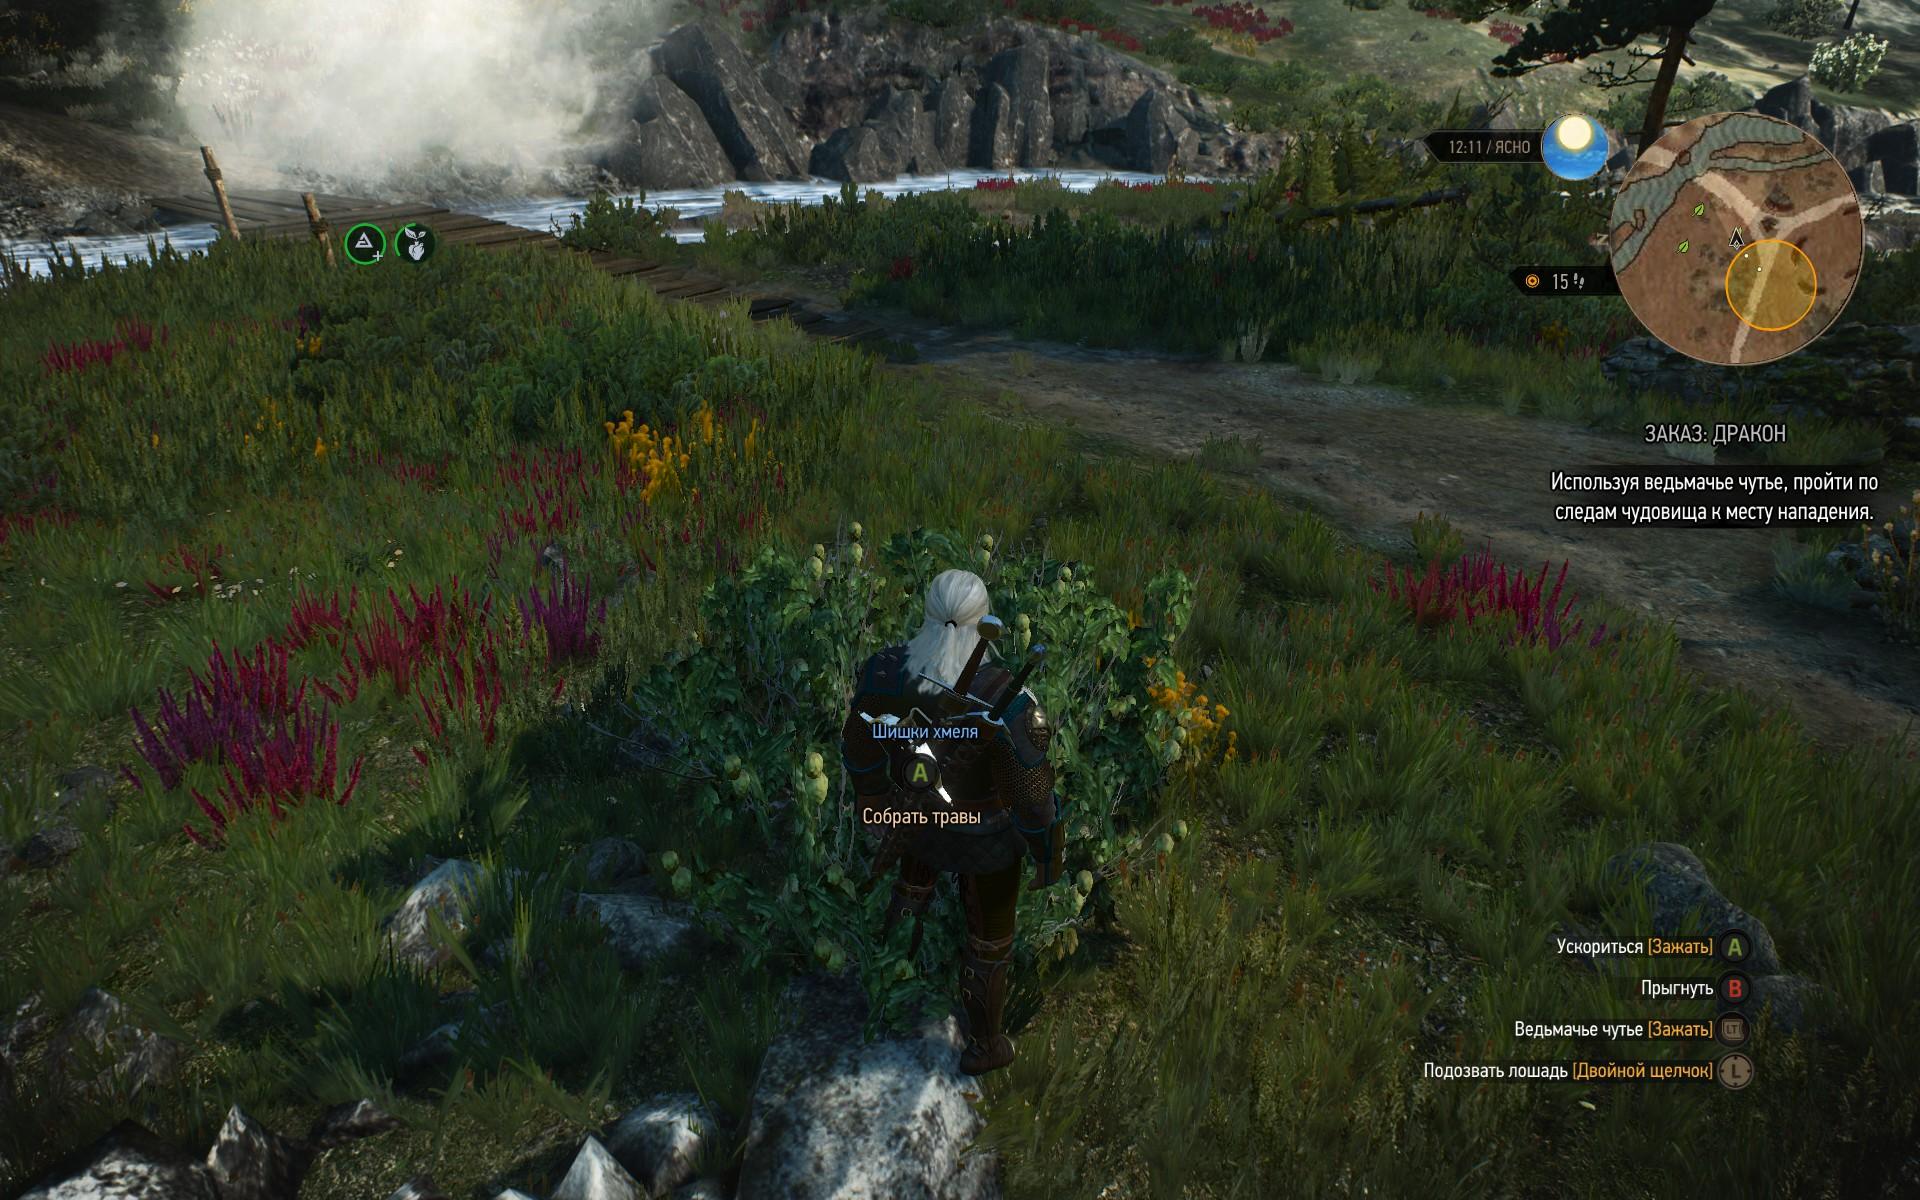 Хмель растет в игровом мире в виде кустарника